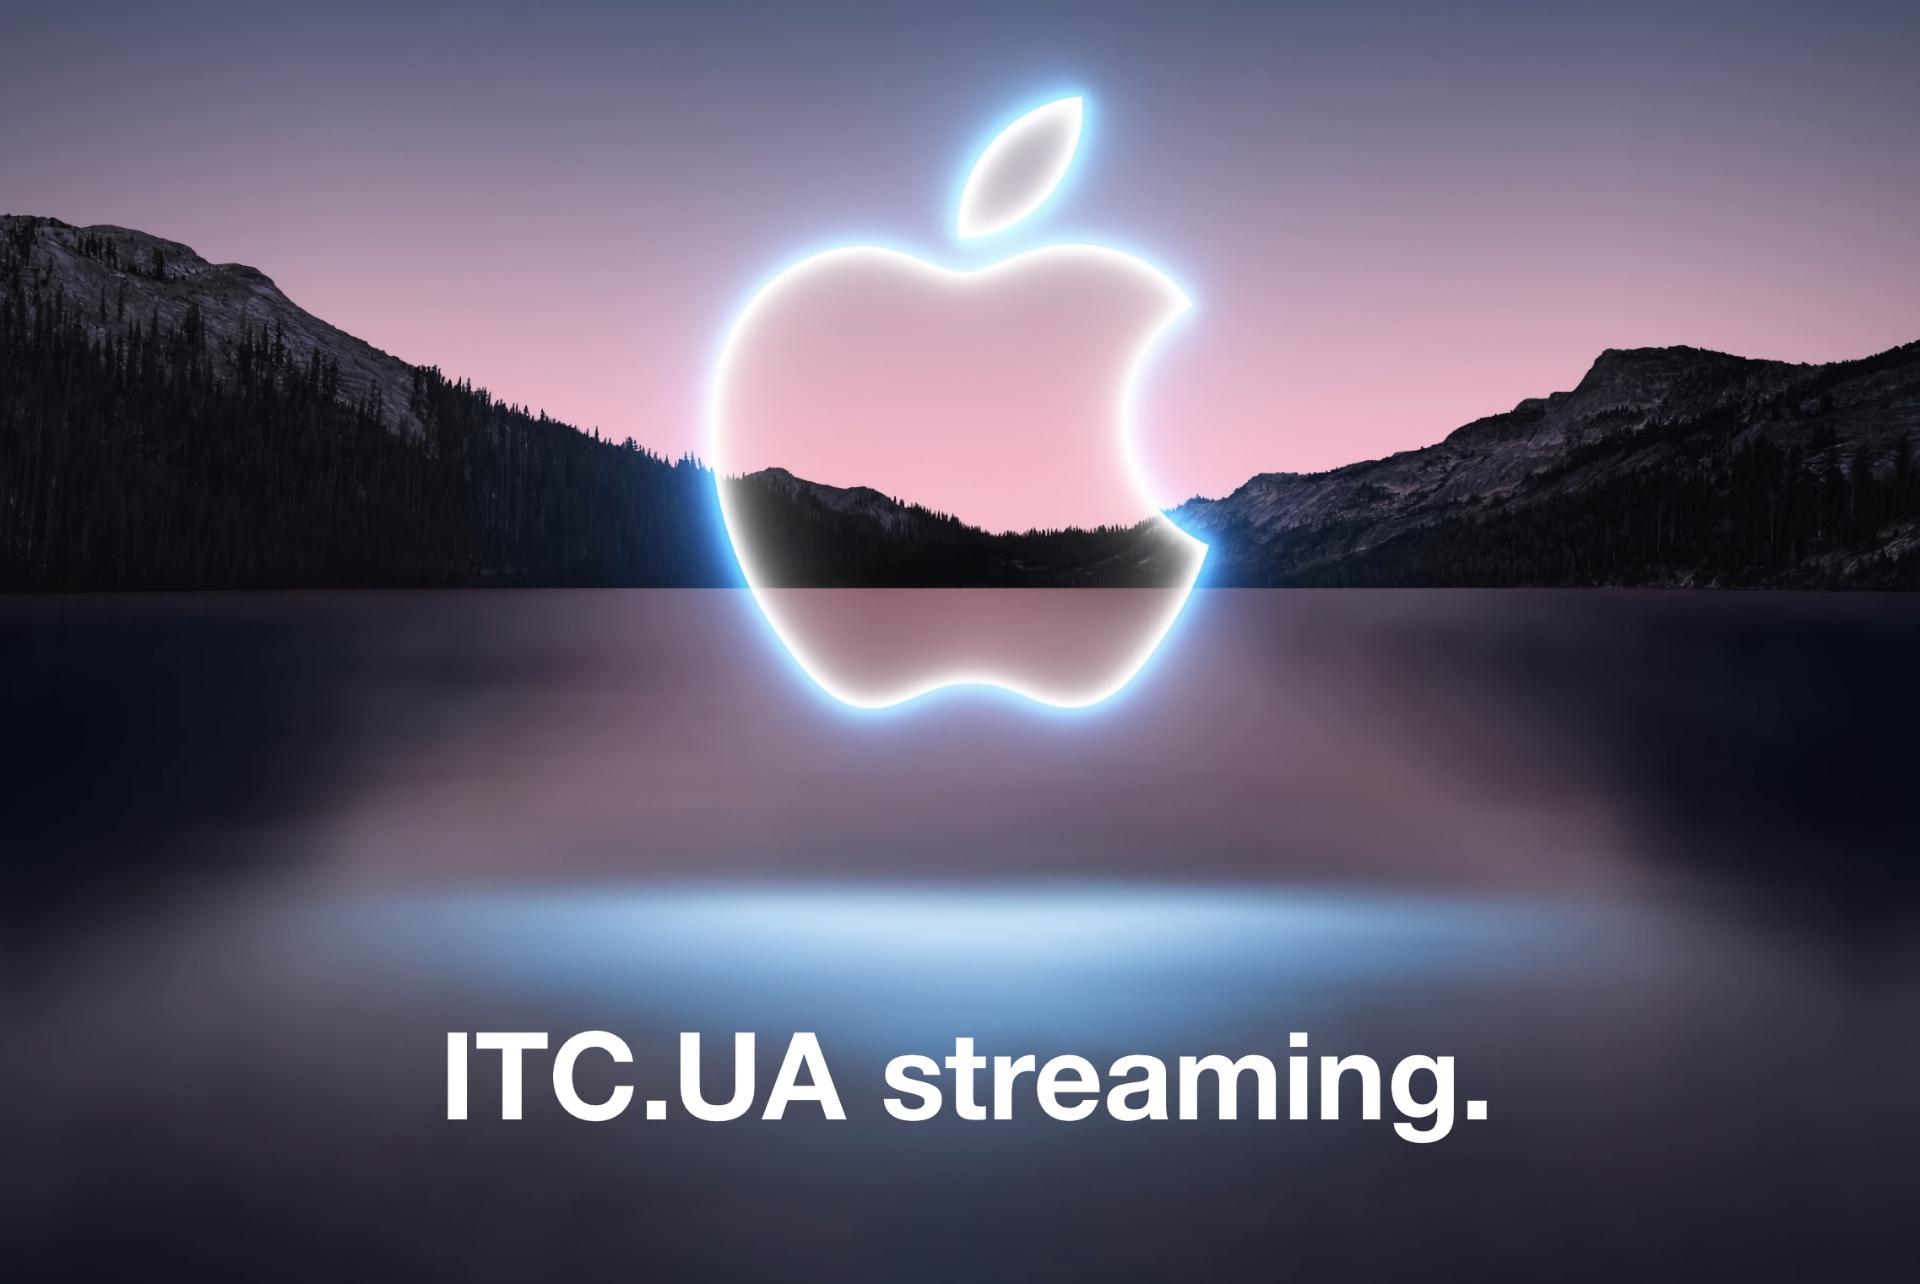 Презентация iPhone 13 и других новинок Apple: текстовая трансляция (начало в 20:00) - ITC.ua